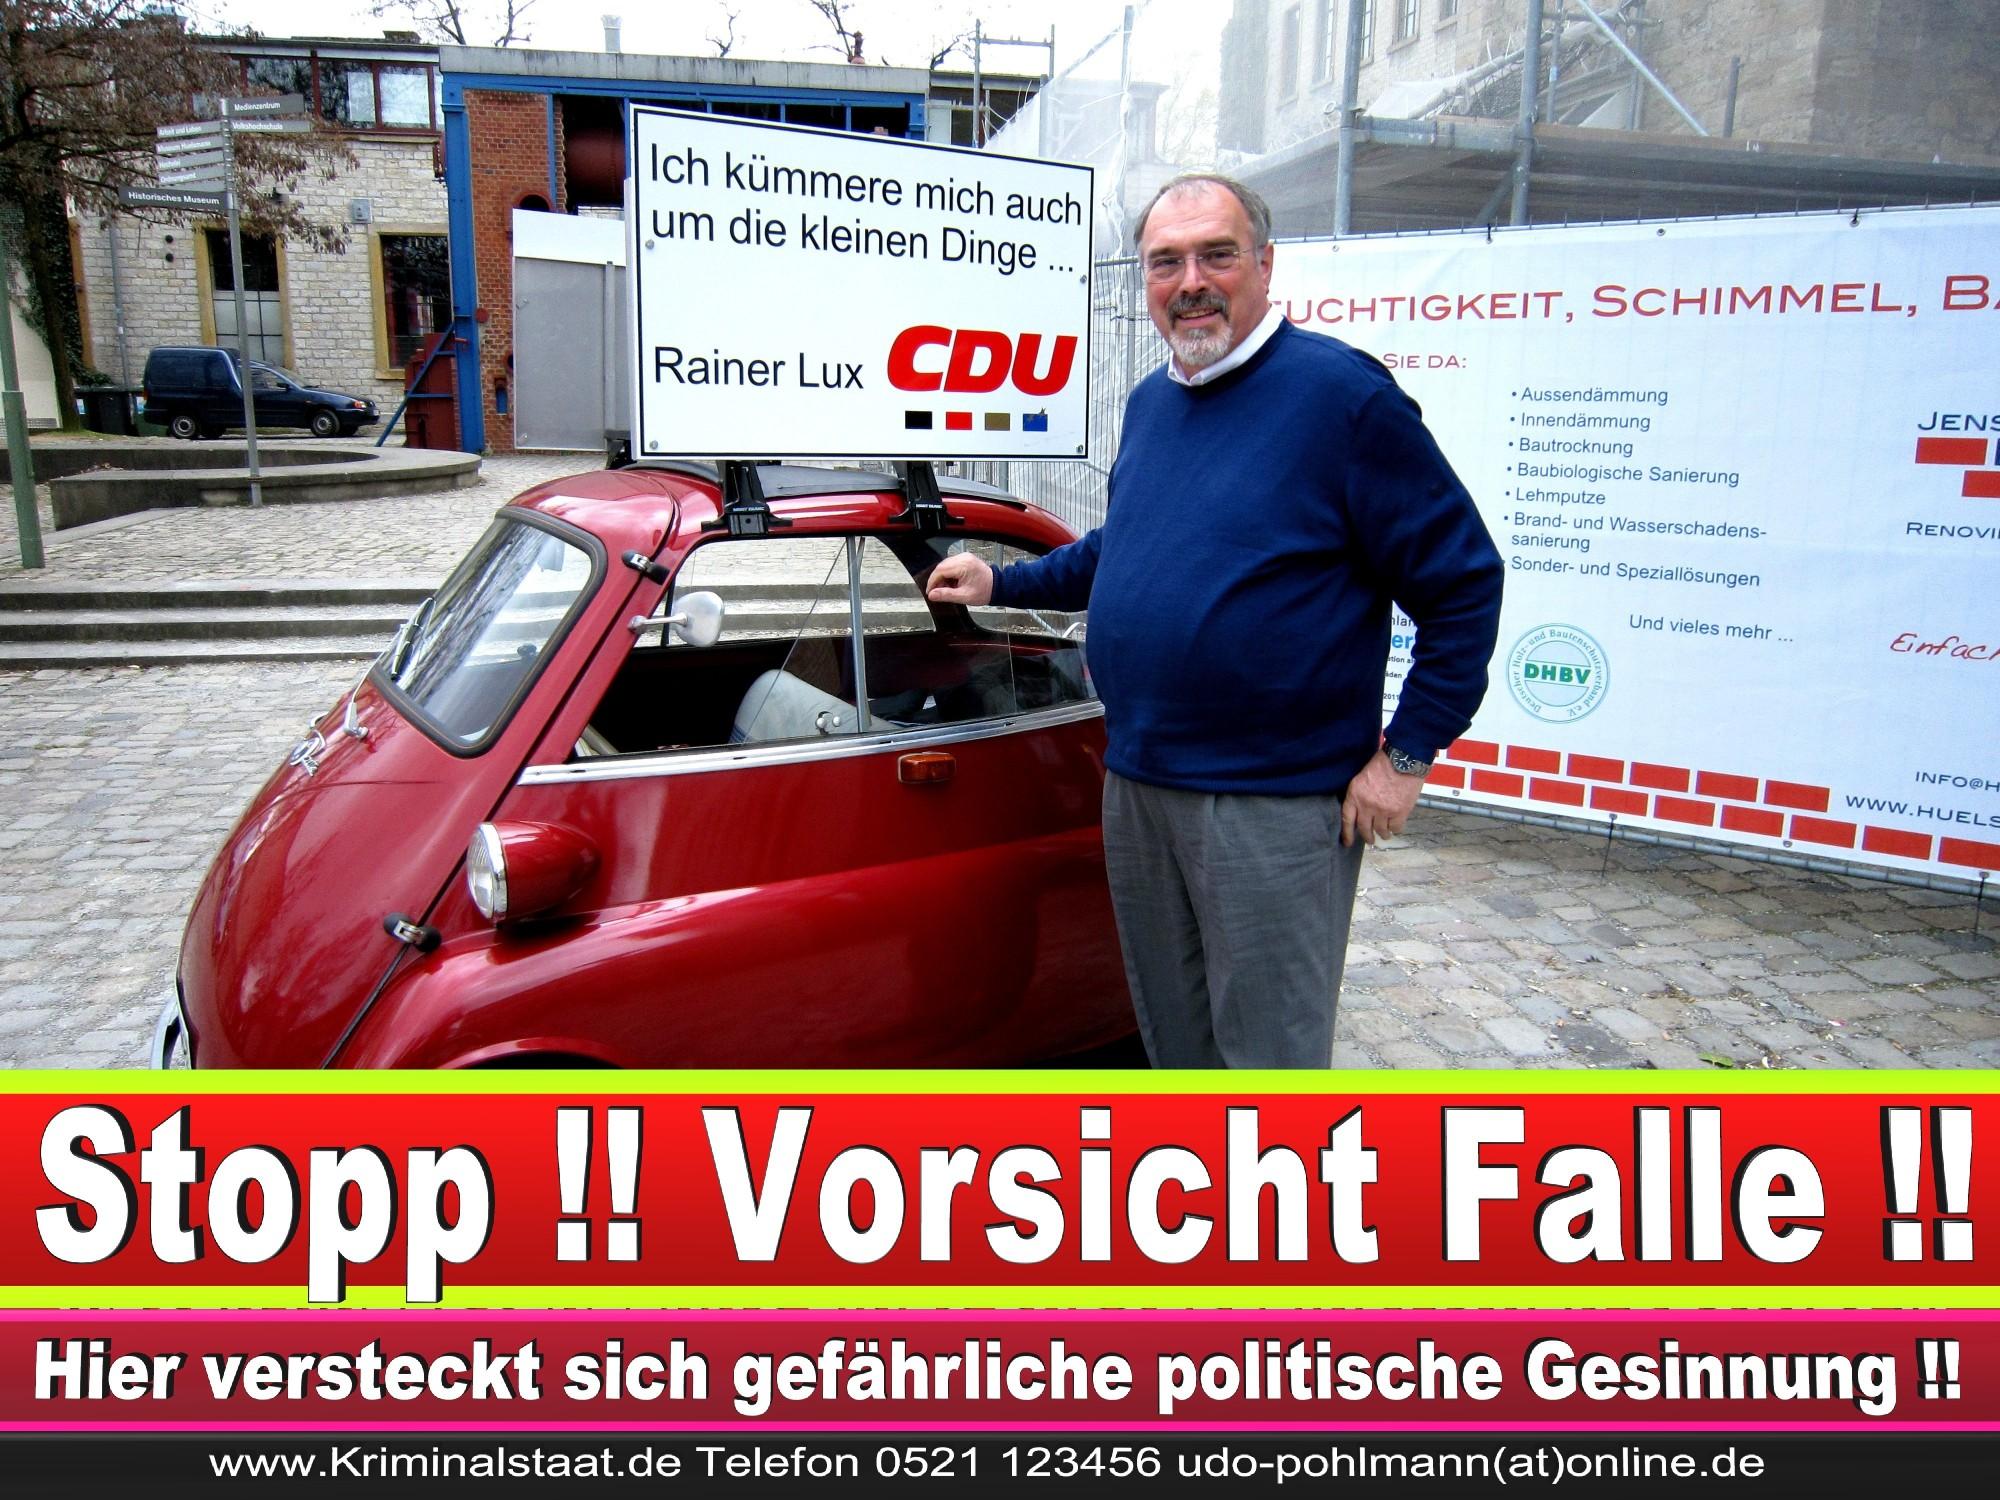 Wahlwerbung Wahlplakate Landtagswahl 2019 Europawahl CDU SPD FDP 2021 (4)